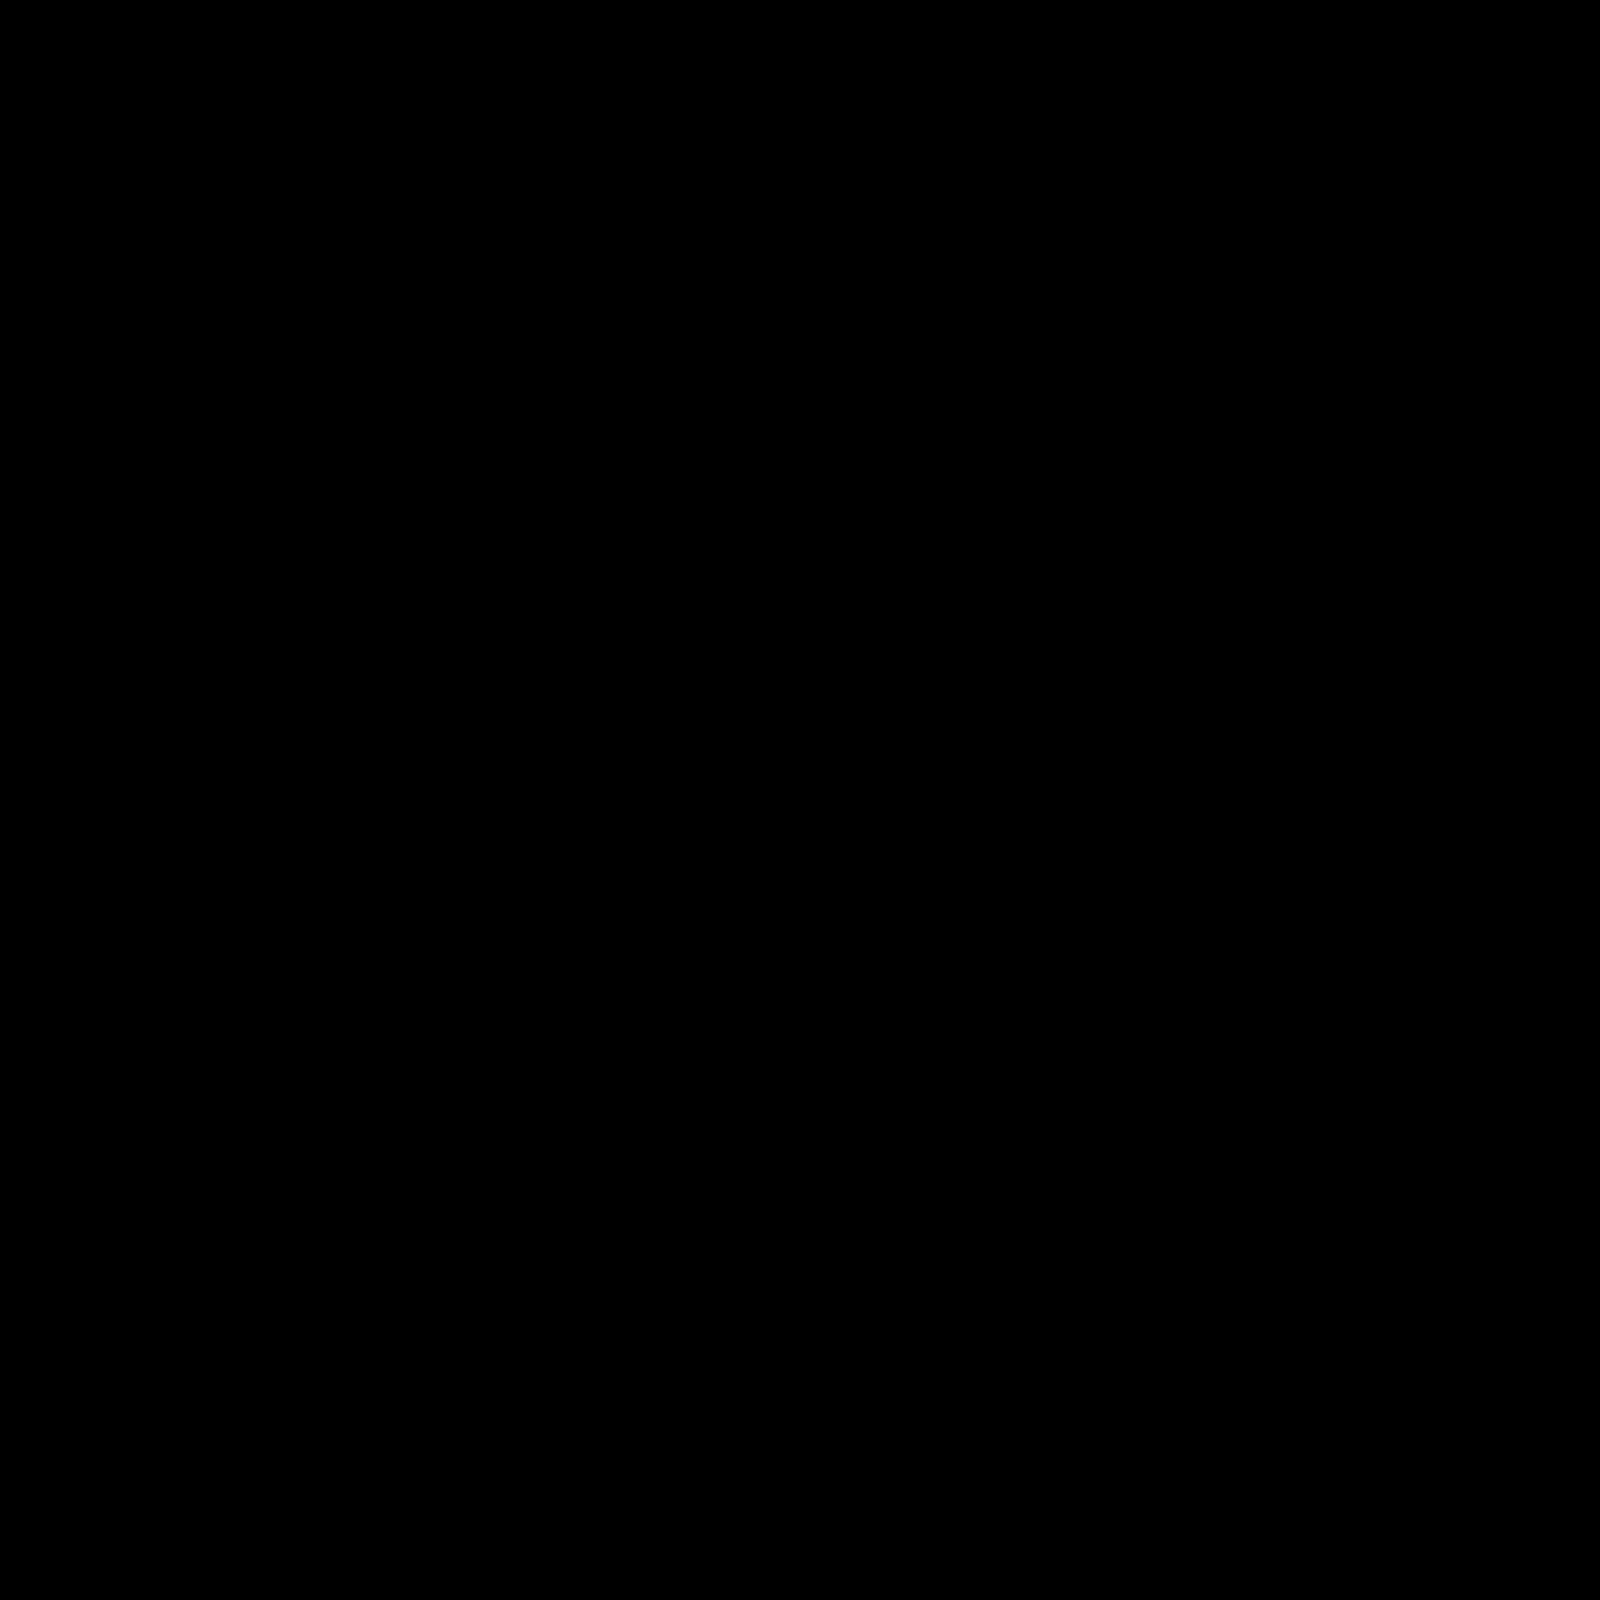 Acessórios de interiores icon